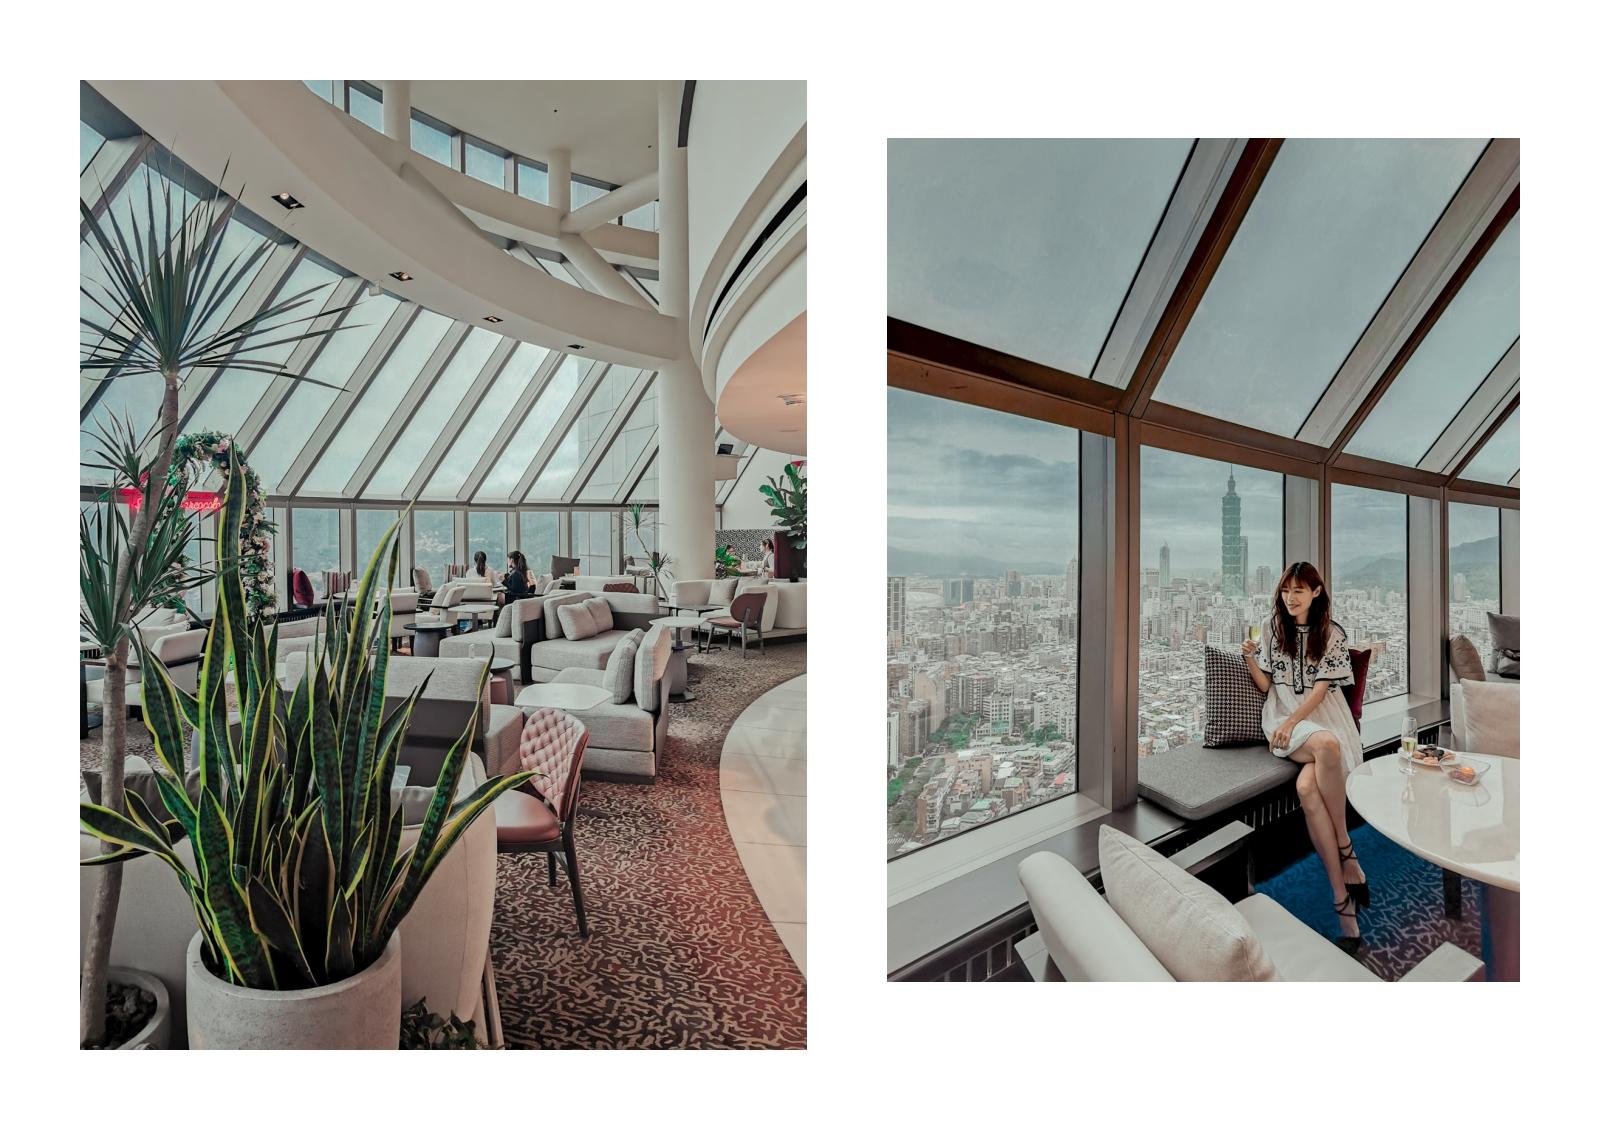 香格里拉台北遠東國際大飯店 米其林推薦五星酒店 101 景觀 貼心服務